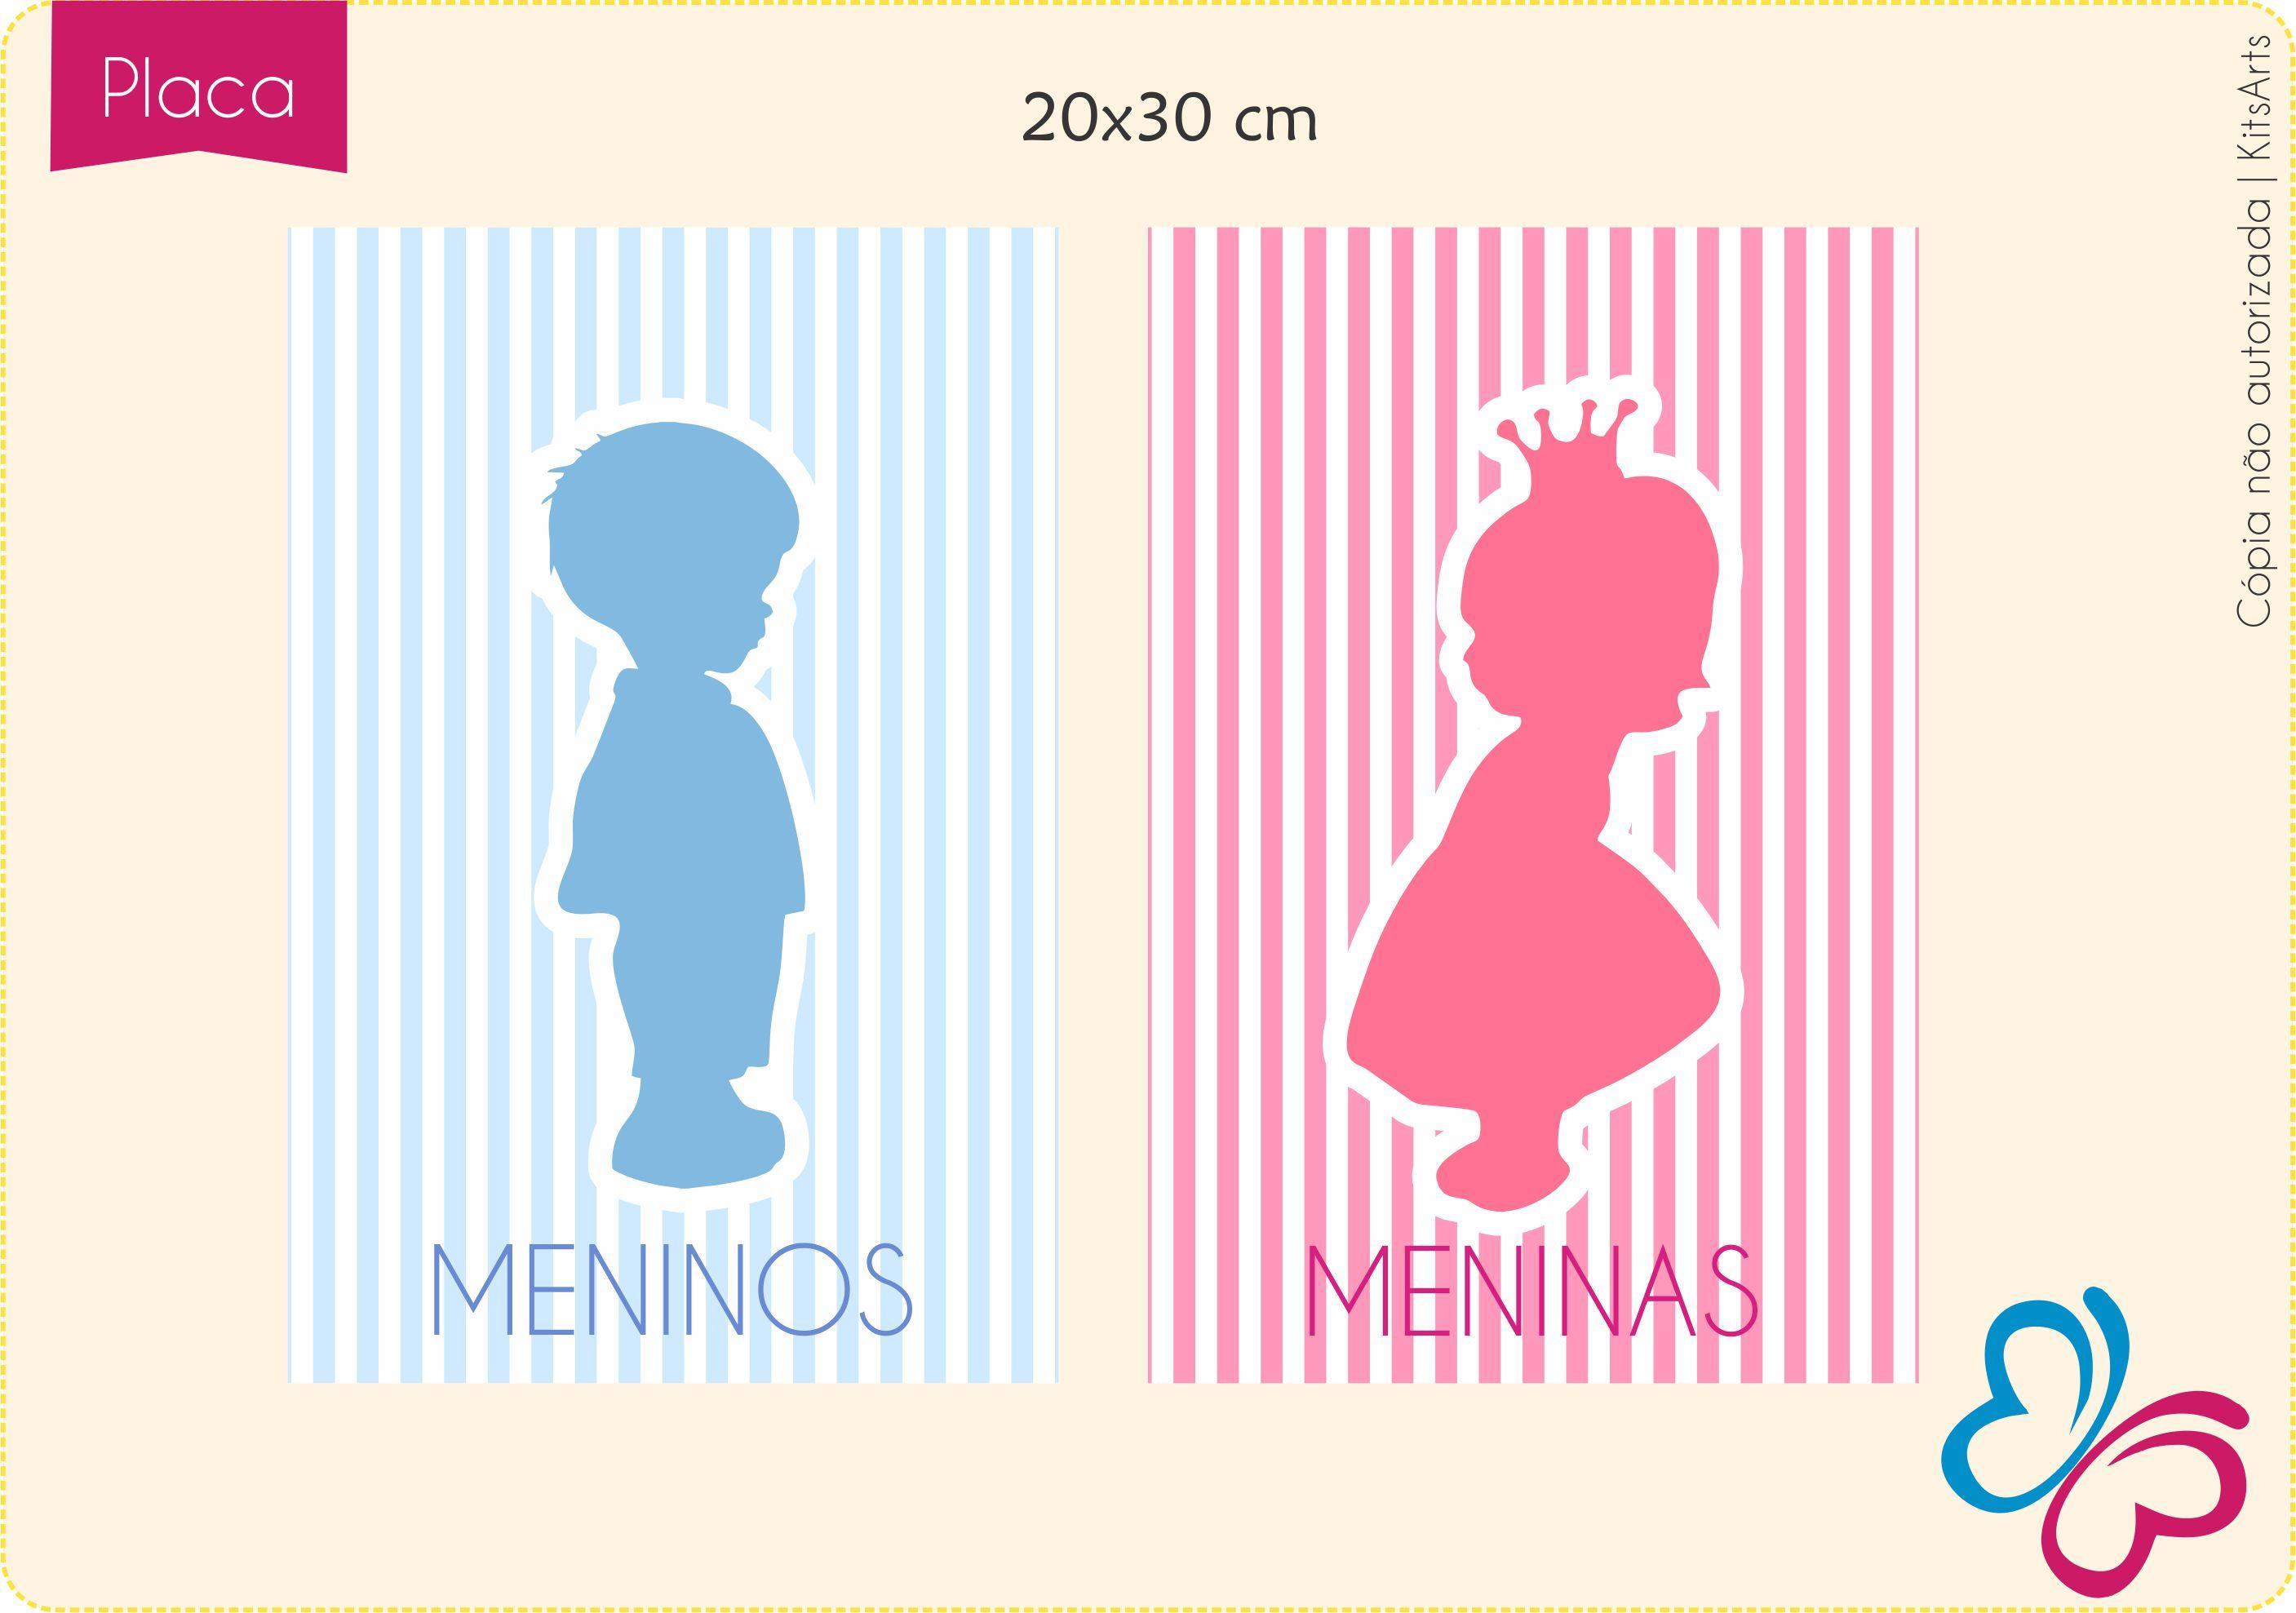 placa de banheiro infantil  Pesquisa Google  dia das crianças  Pinterest  -> Placas Banheiro Feminino Para Imprimir